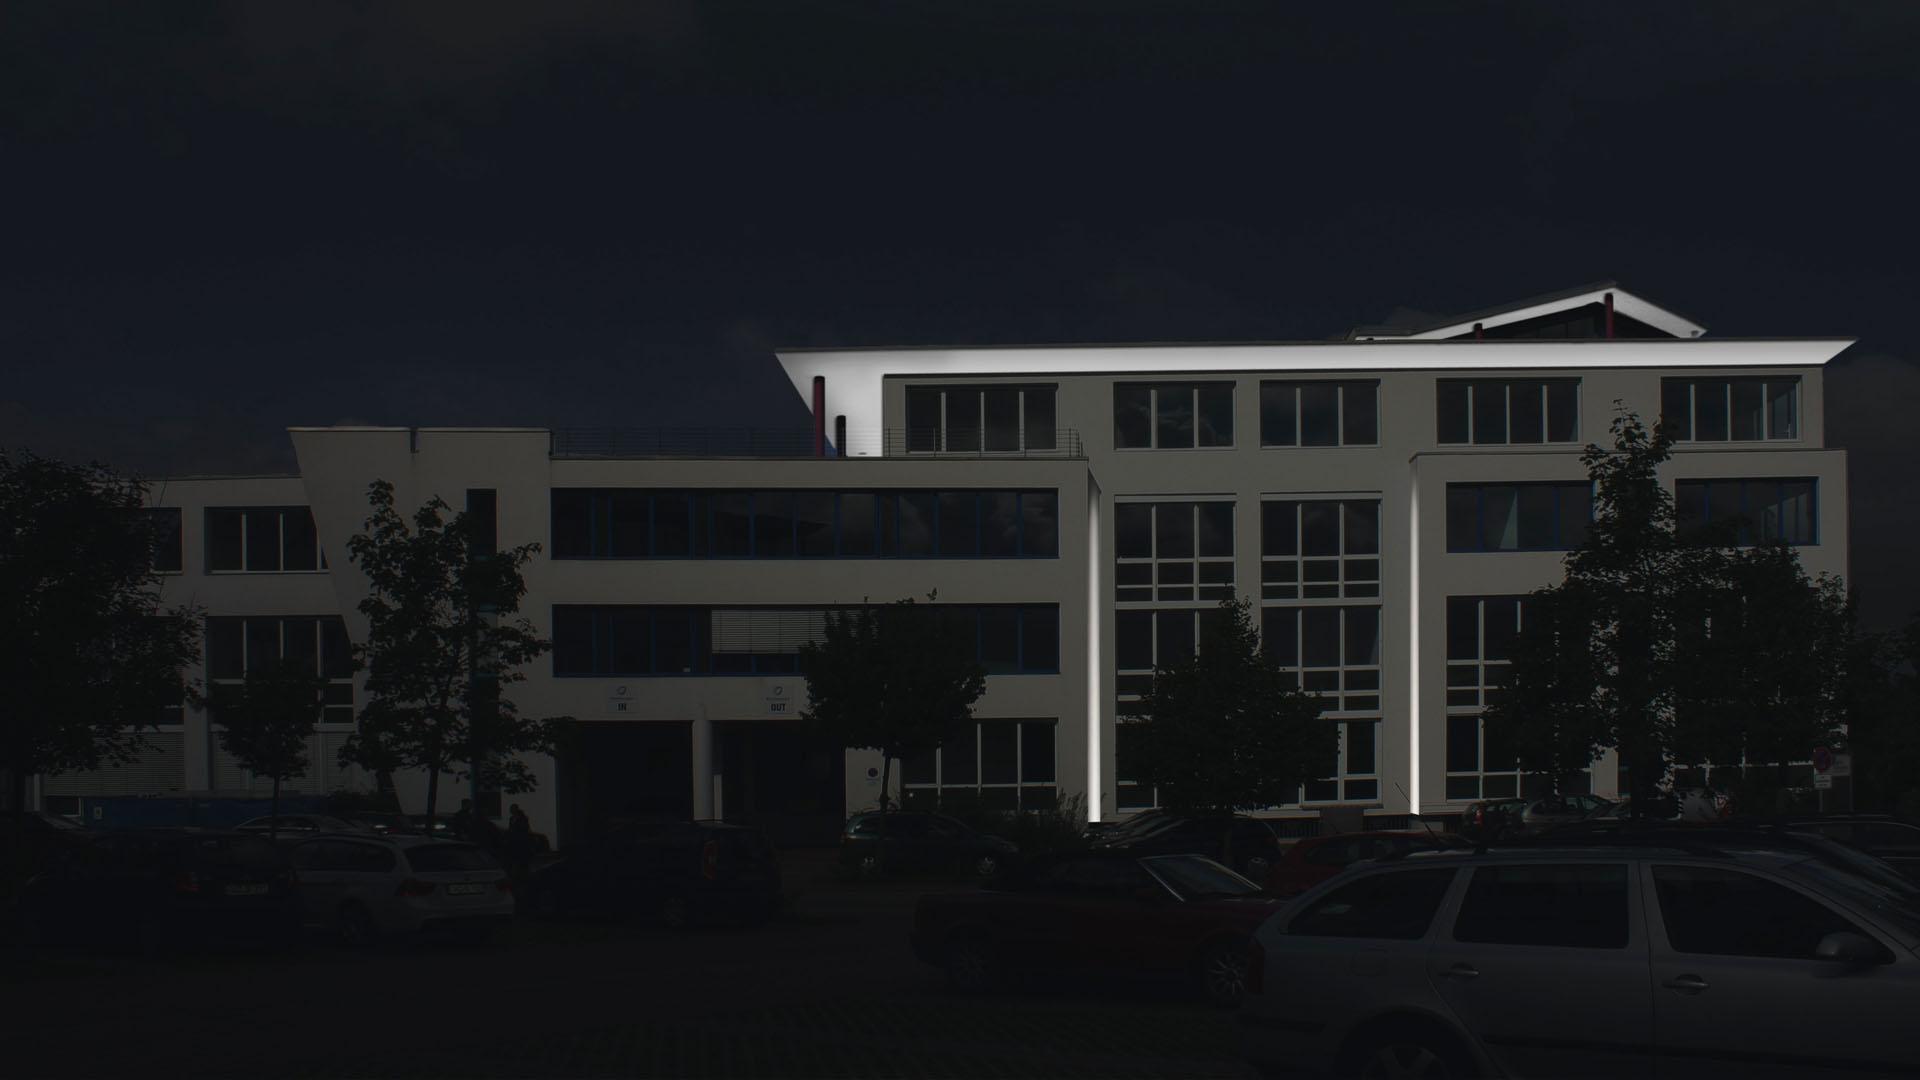 MAASS-Lichtplanung_Fassadenillumination in Darmstadt__MAASS-Leuschner-Park-006